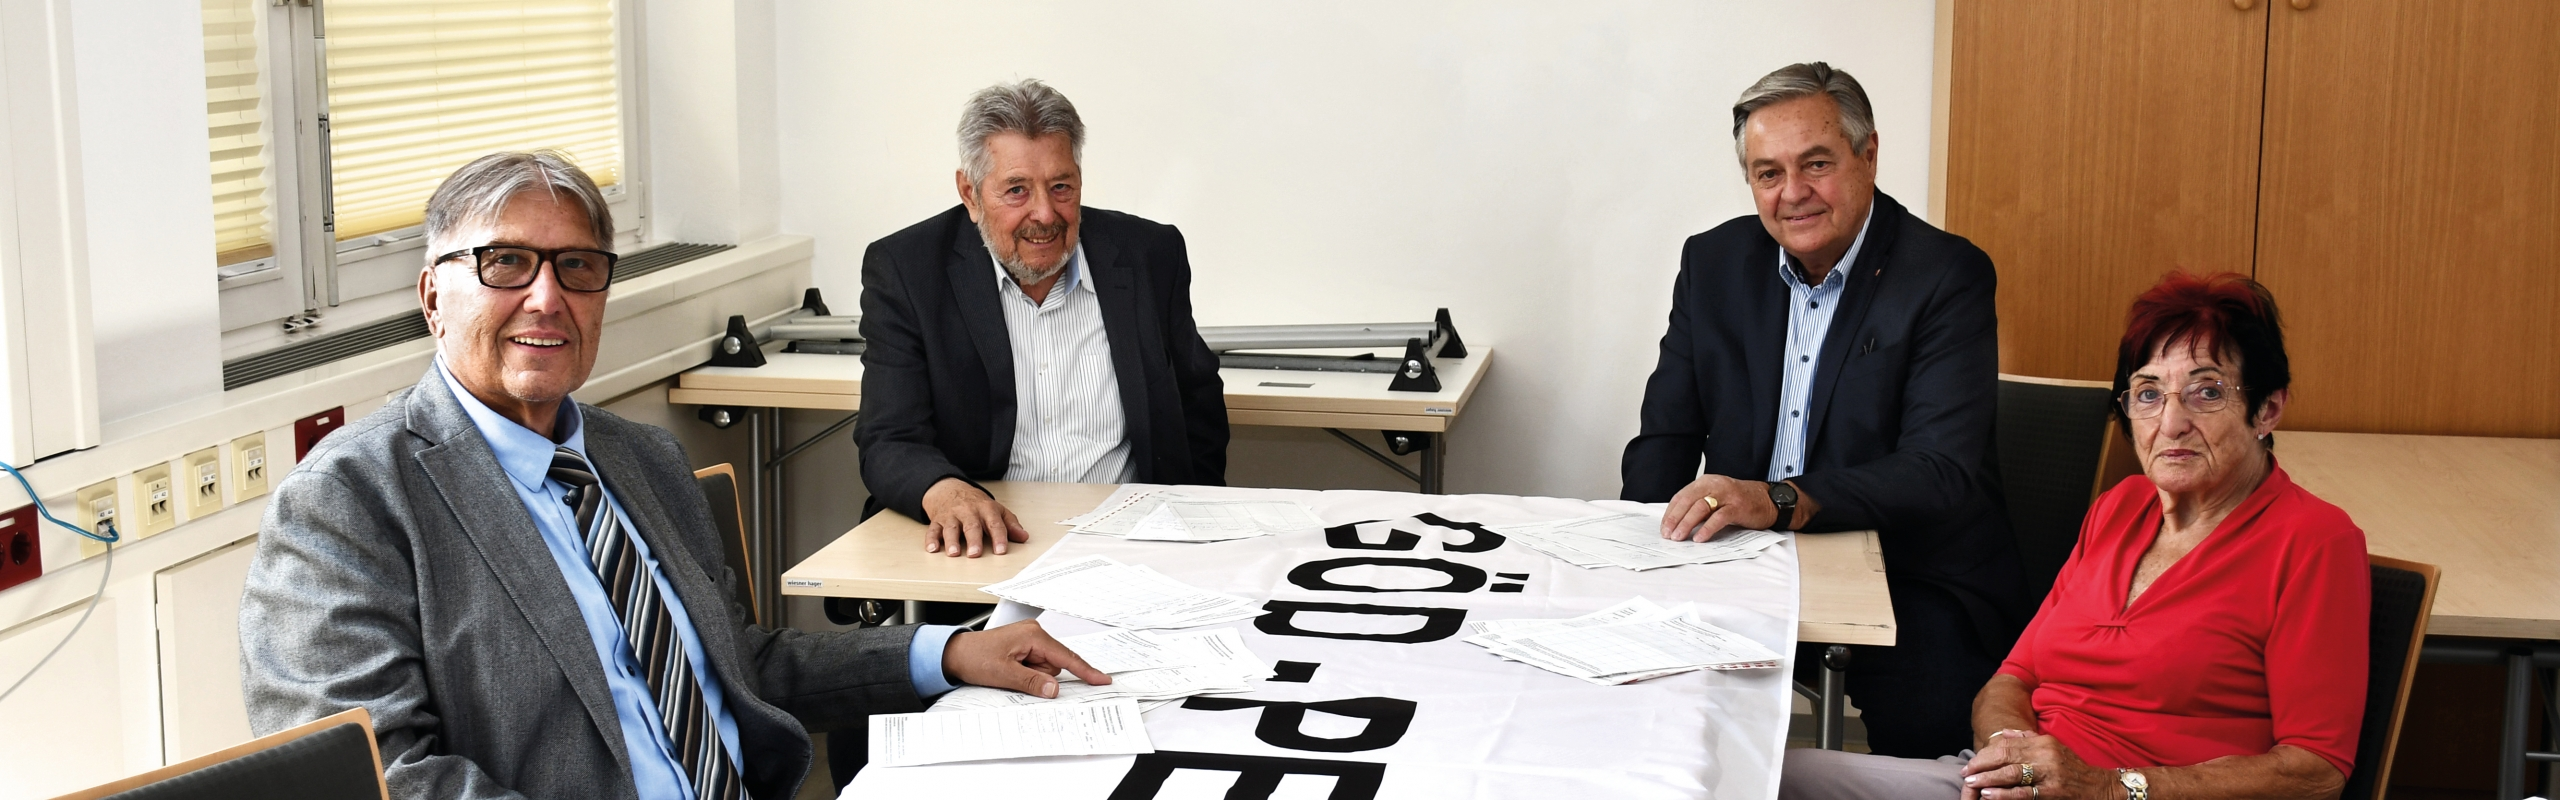 Übergabe Unterschriften Fürst_Banner